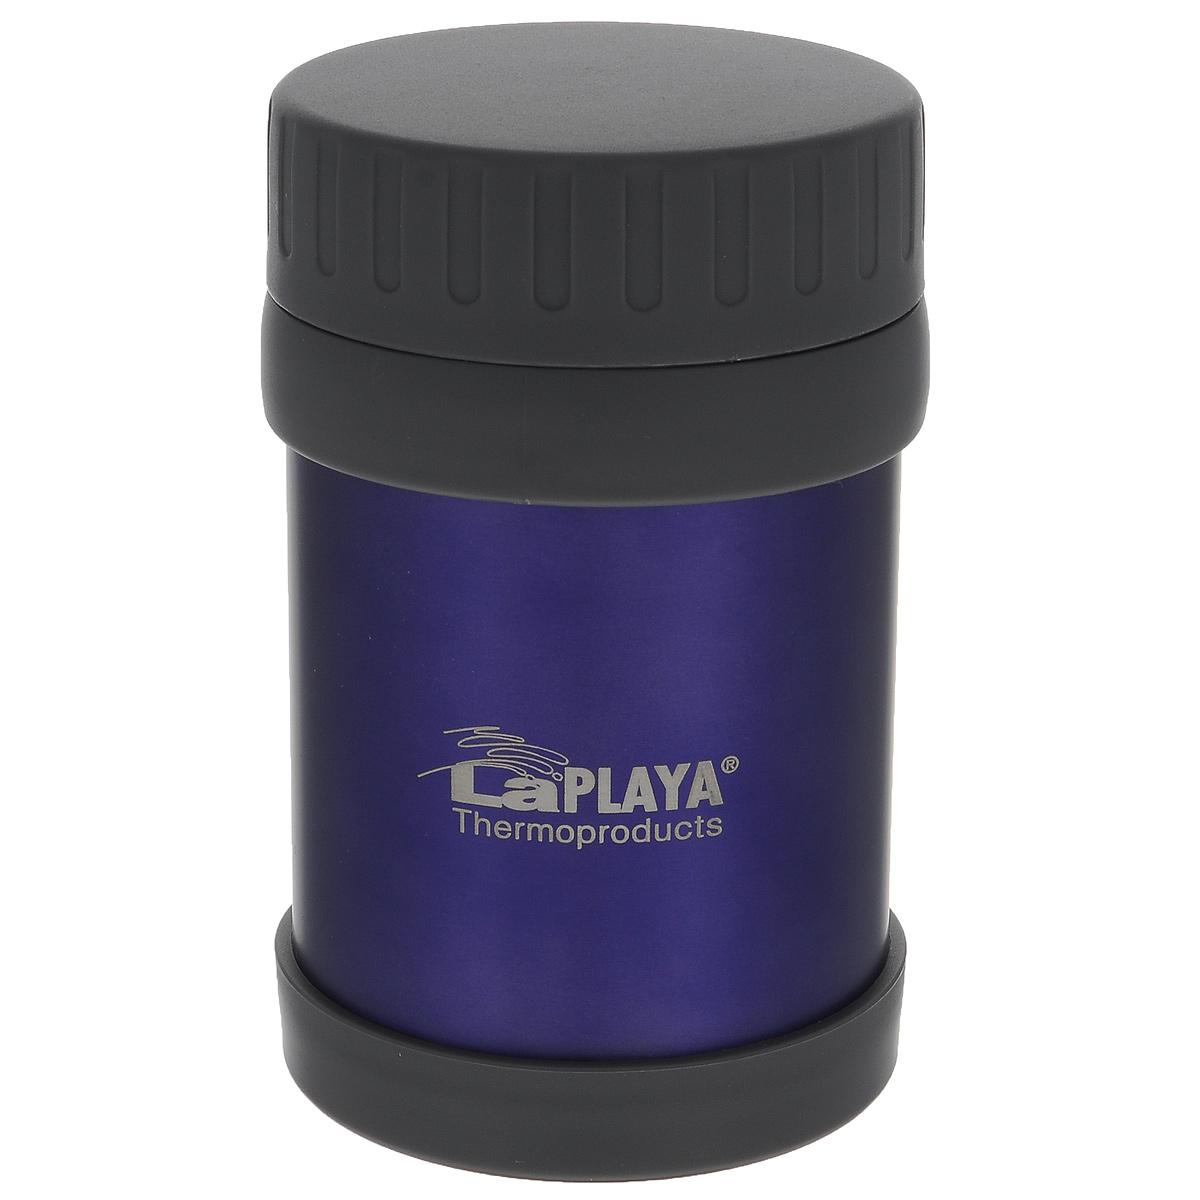 Термос LaPlaya JMG, цвет: фиолетовый, 350 мл560030Термос LaPlaya JMG изготовлен из высококачественной нержавеющей стали 18/8 и пластика. Термос с двухстеночной вакуумной изоляцией, предназначенный для хранения горячих и холодных продуктов, сохраняет их до 6 часов горячими и холодными в течении 8 часов. Термос очень легкий, имеет широкое горло и закрывается герметичной крышкой. Идеально подходит для напитков, а также первых и вторых блюд. Высота: 14 см. Диаметр горлышка: 6,8 см.